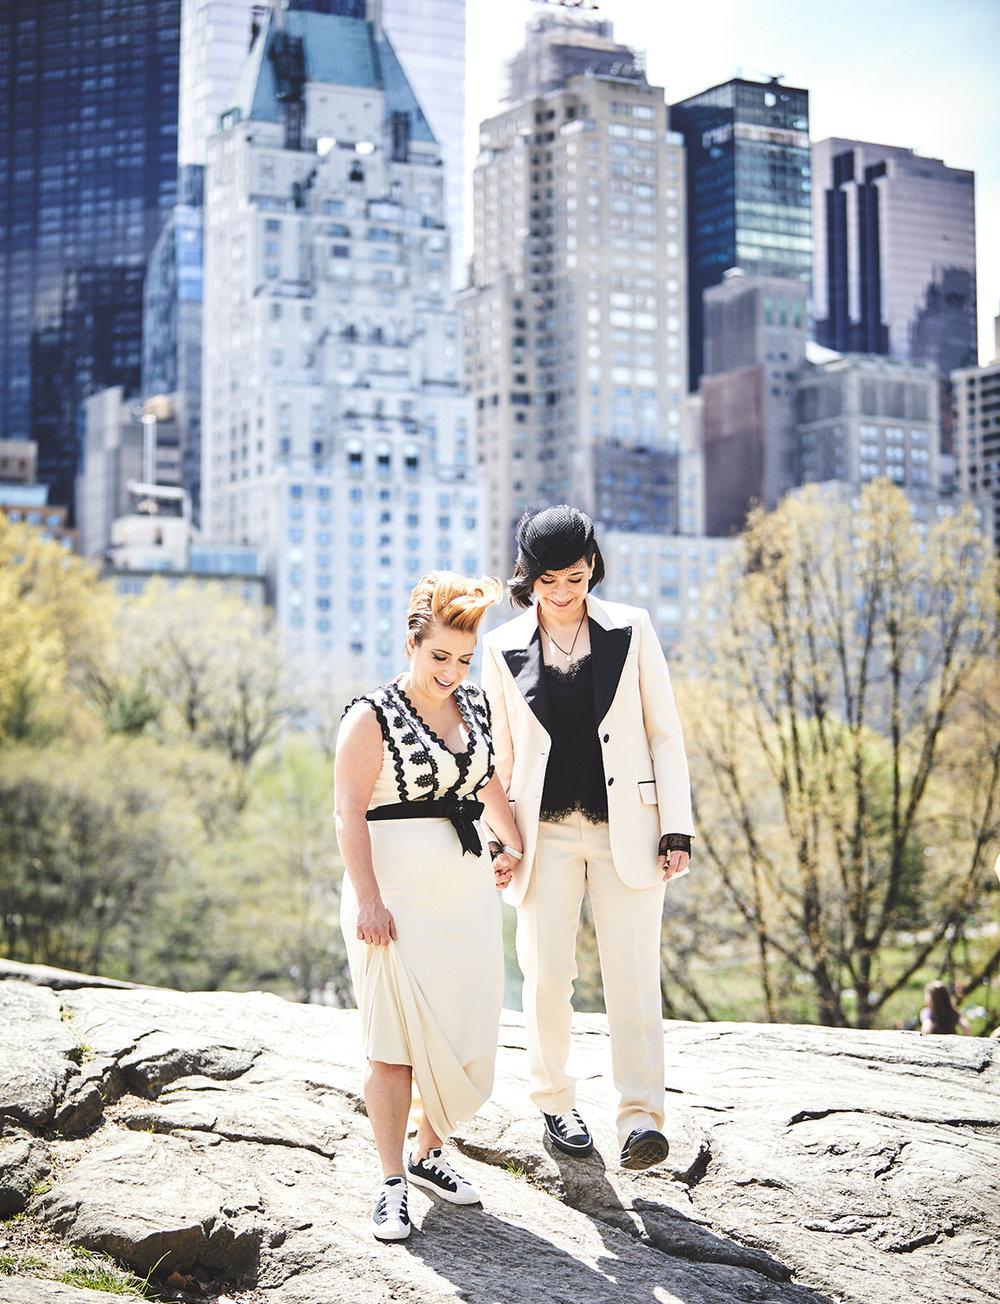 170423-SameSexWedding-GayWedding-LesbianWedding-CentralParkWedding-TheDanielWeddingPhotography_By_BriJohnsonWeddings_0040.jpg